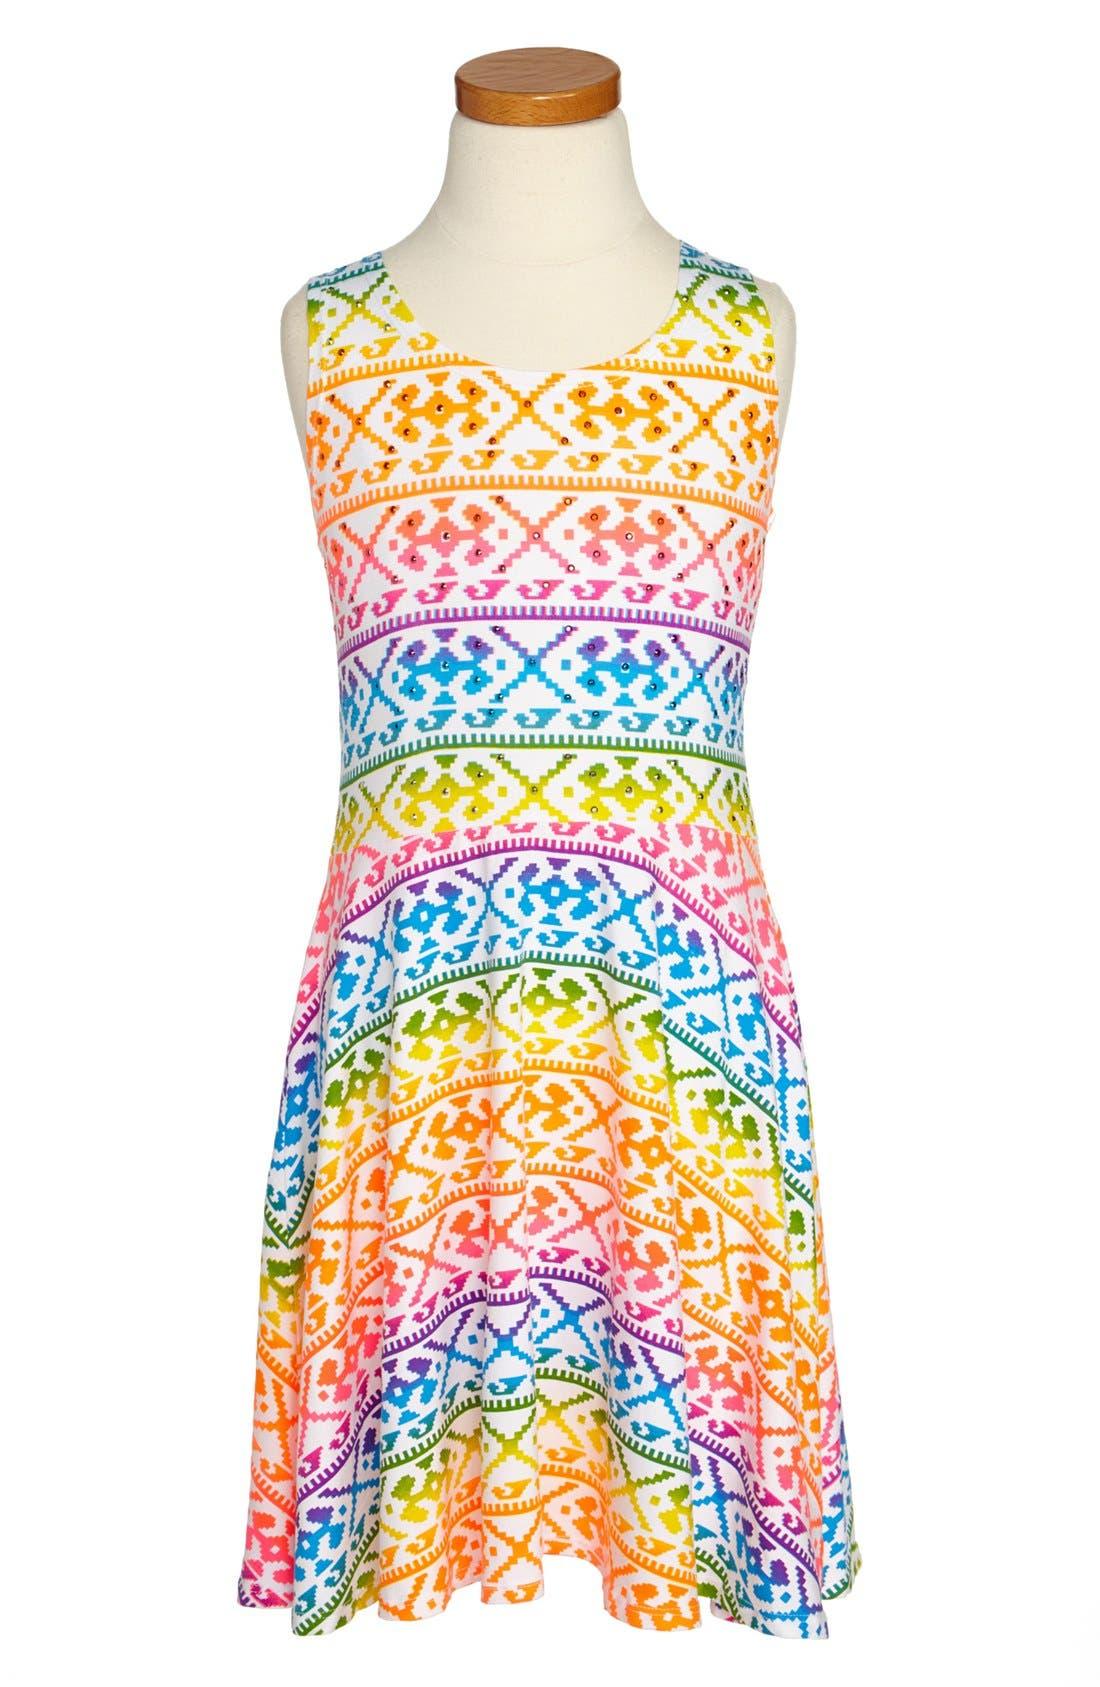 Main Image - Flowers by Zoe Print Dress (Little Girls)